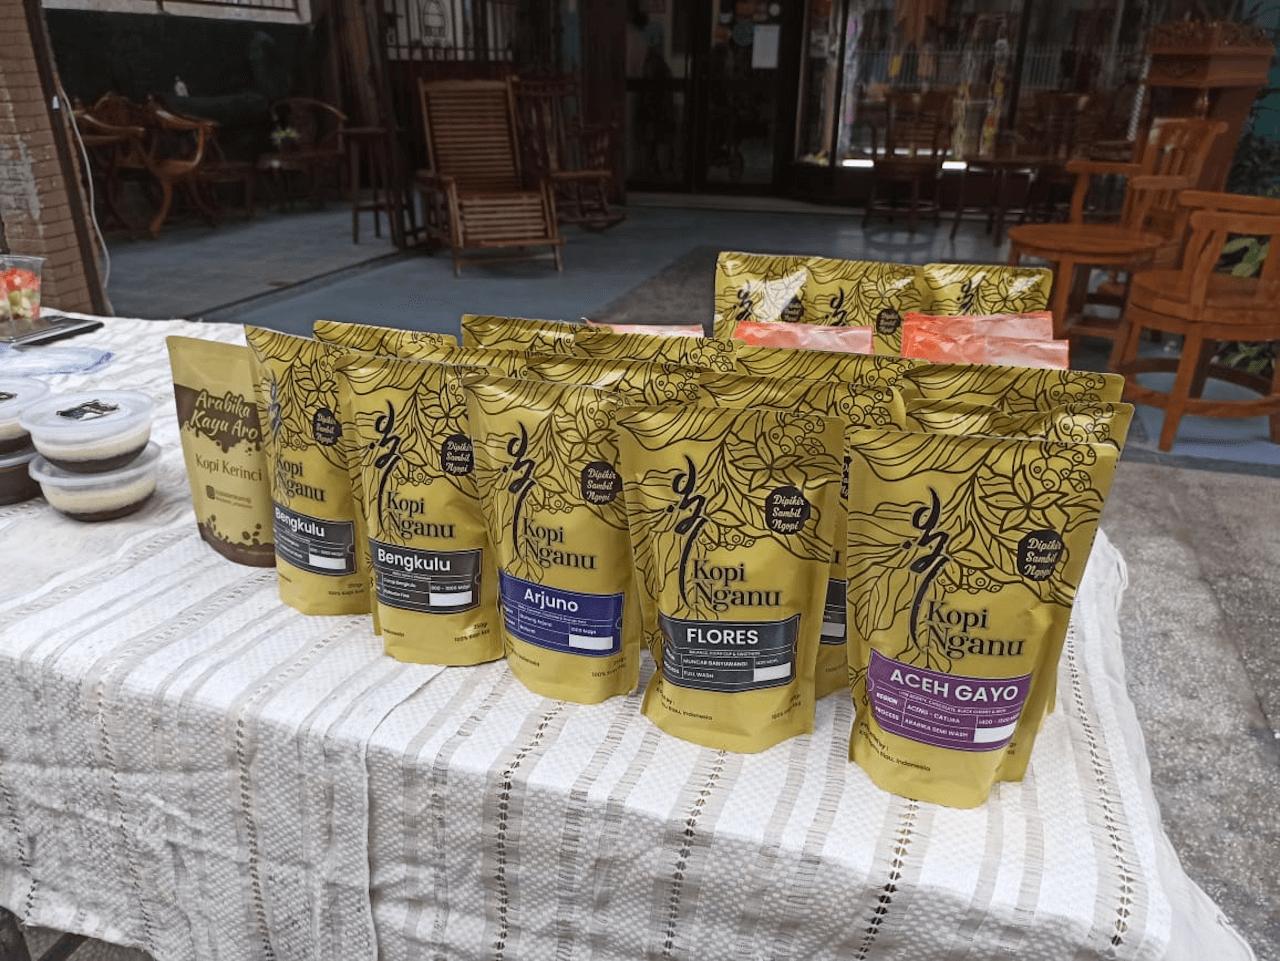 kopi aceh kopi kerinci kopi lampung kopi arabika kopi robusta kopi nganu 40